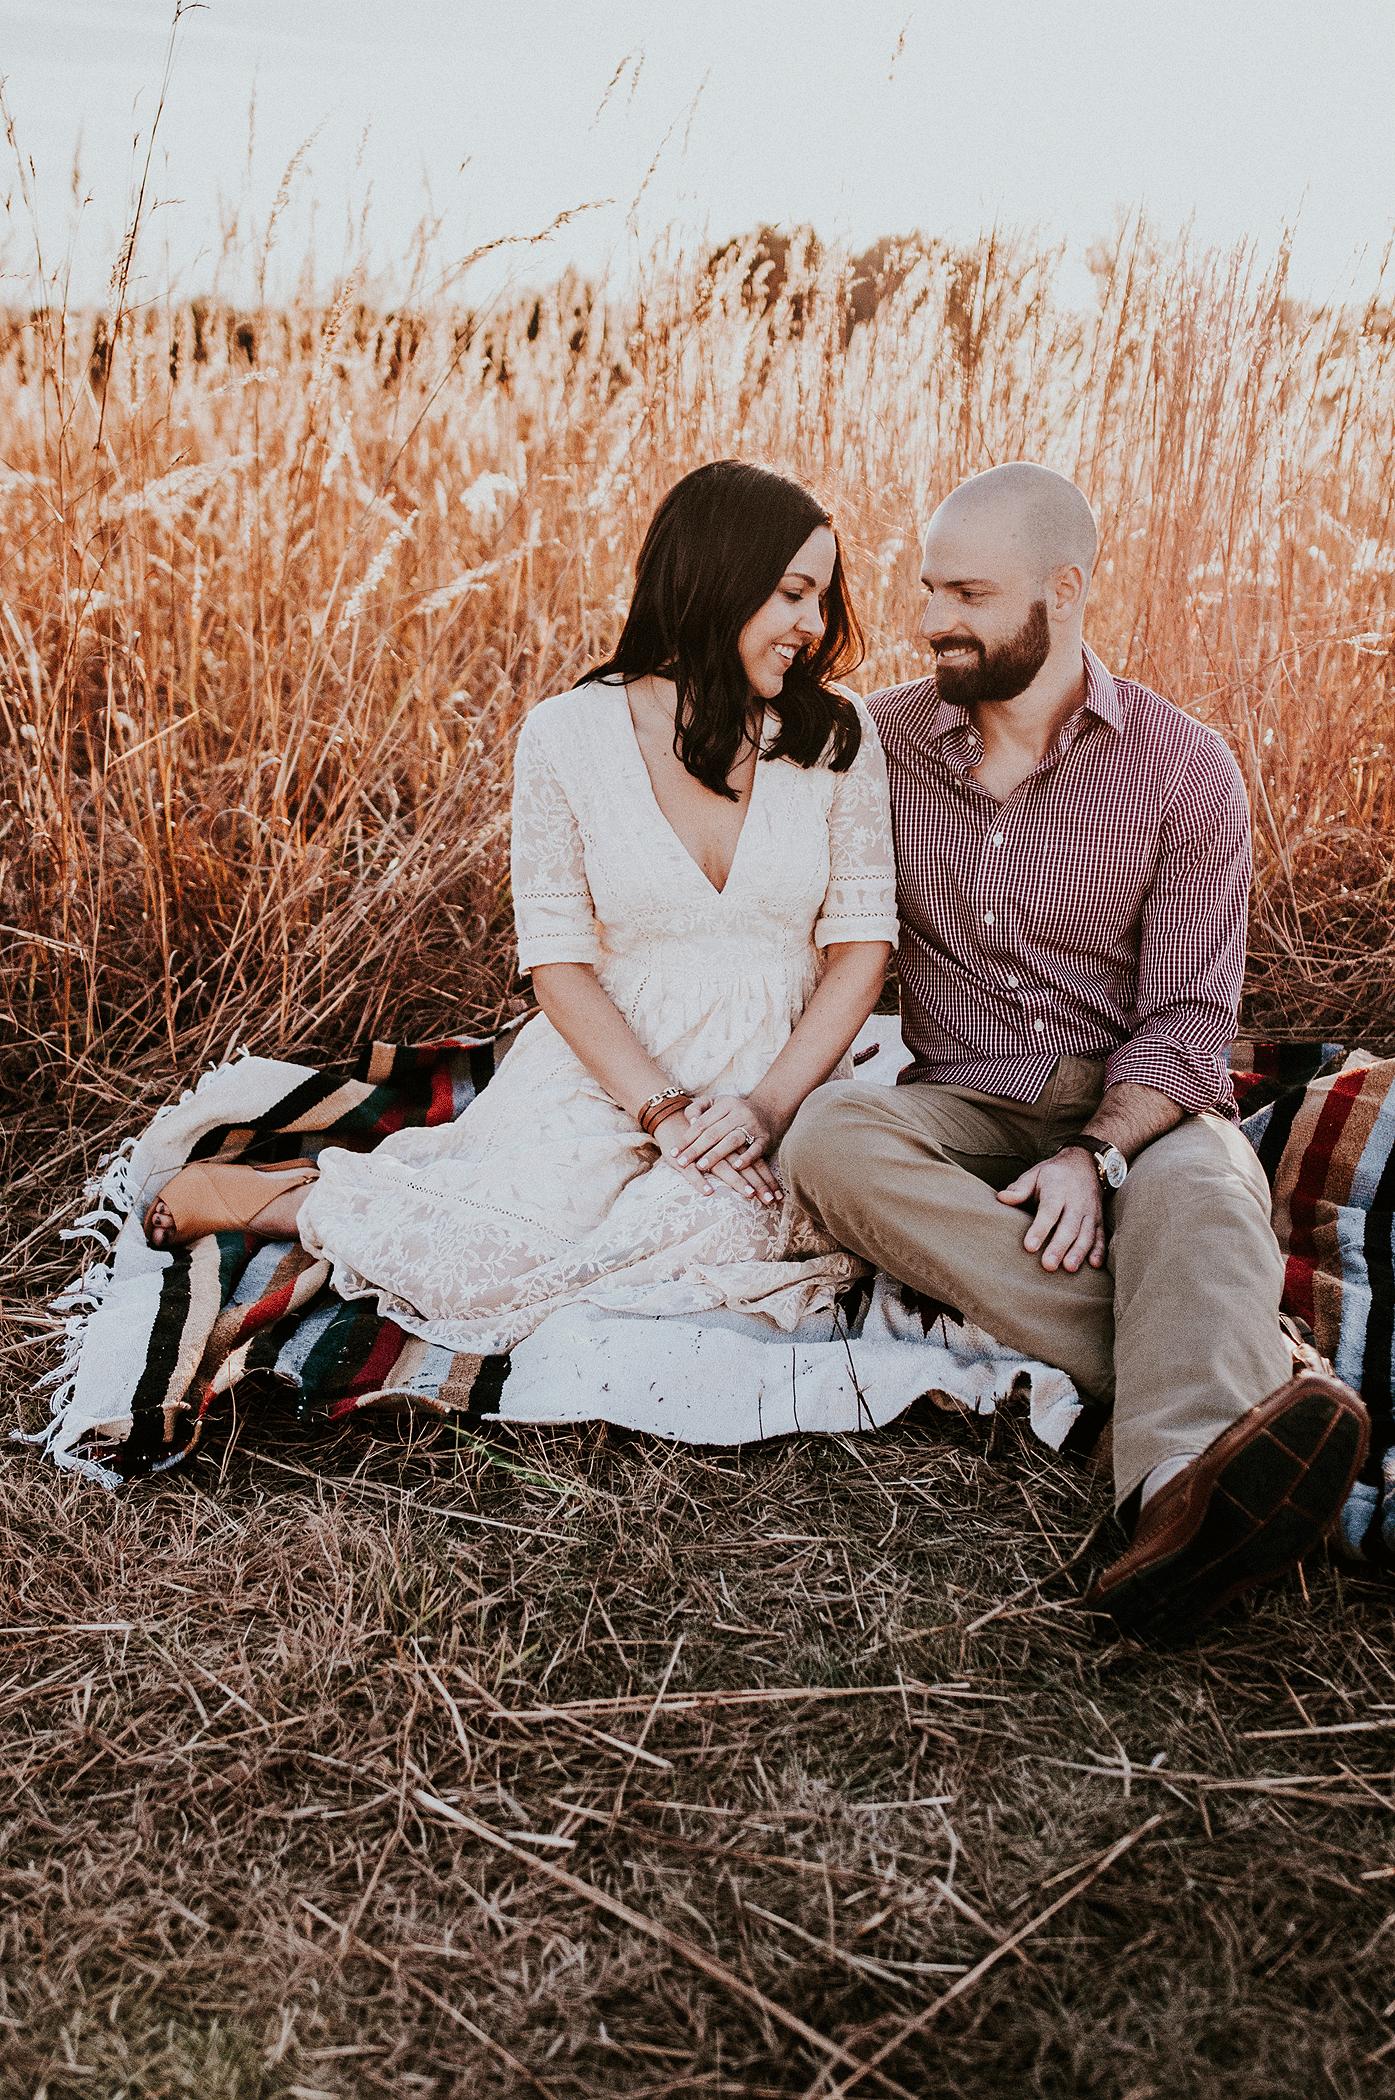 Phil-and-Tara(Engaged)-159.png